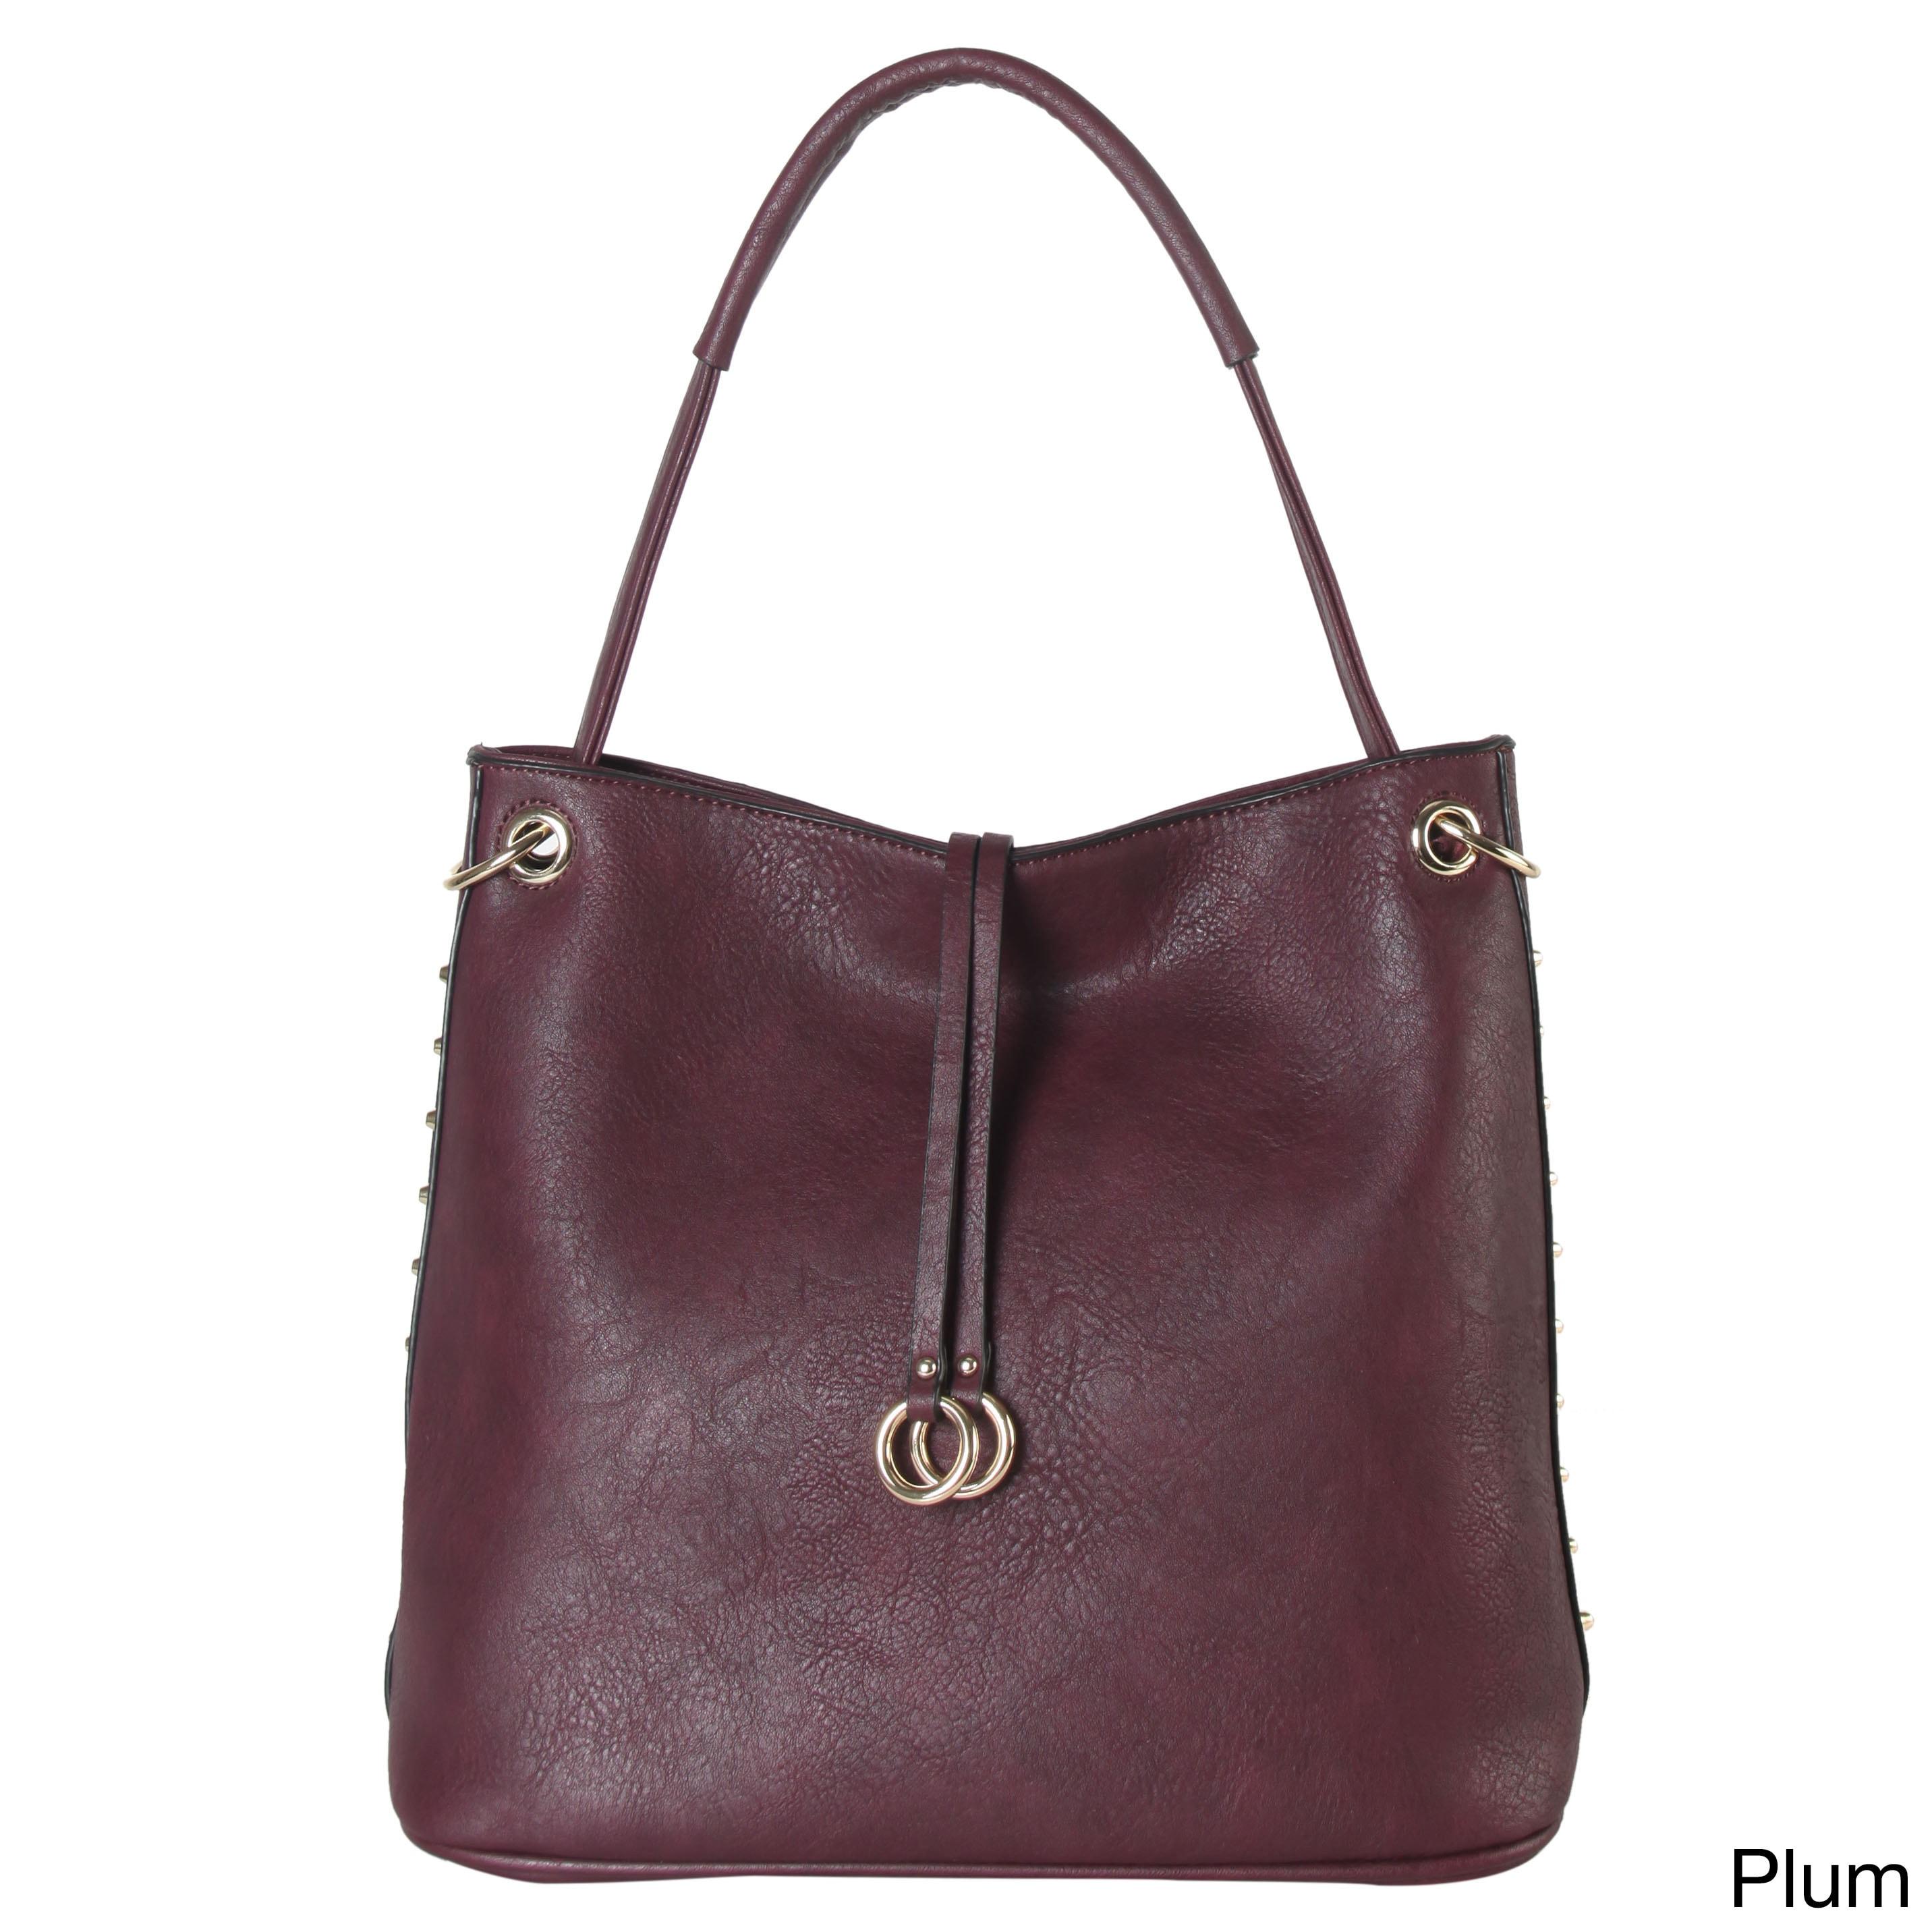 Designer SYLVIEE Cut Out Detail Leather Shopper Bag Taupe Shoulder HandBag Tote